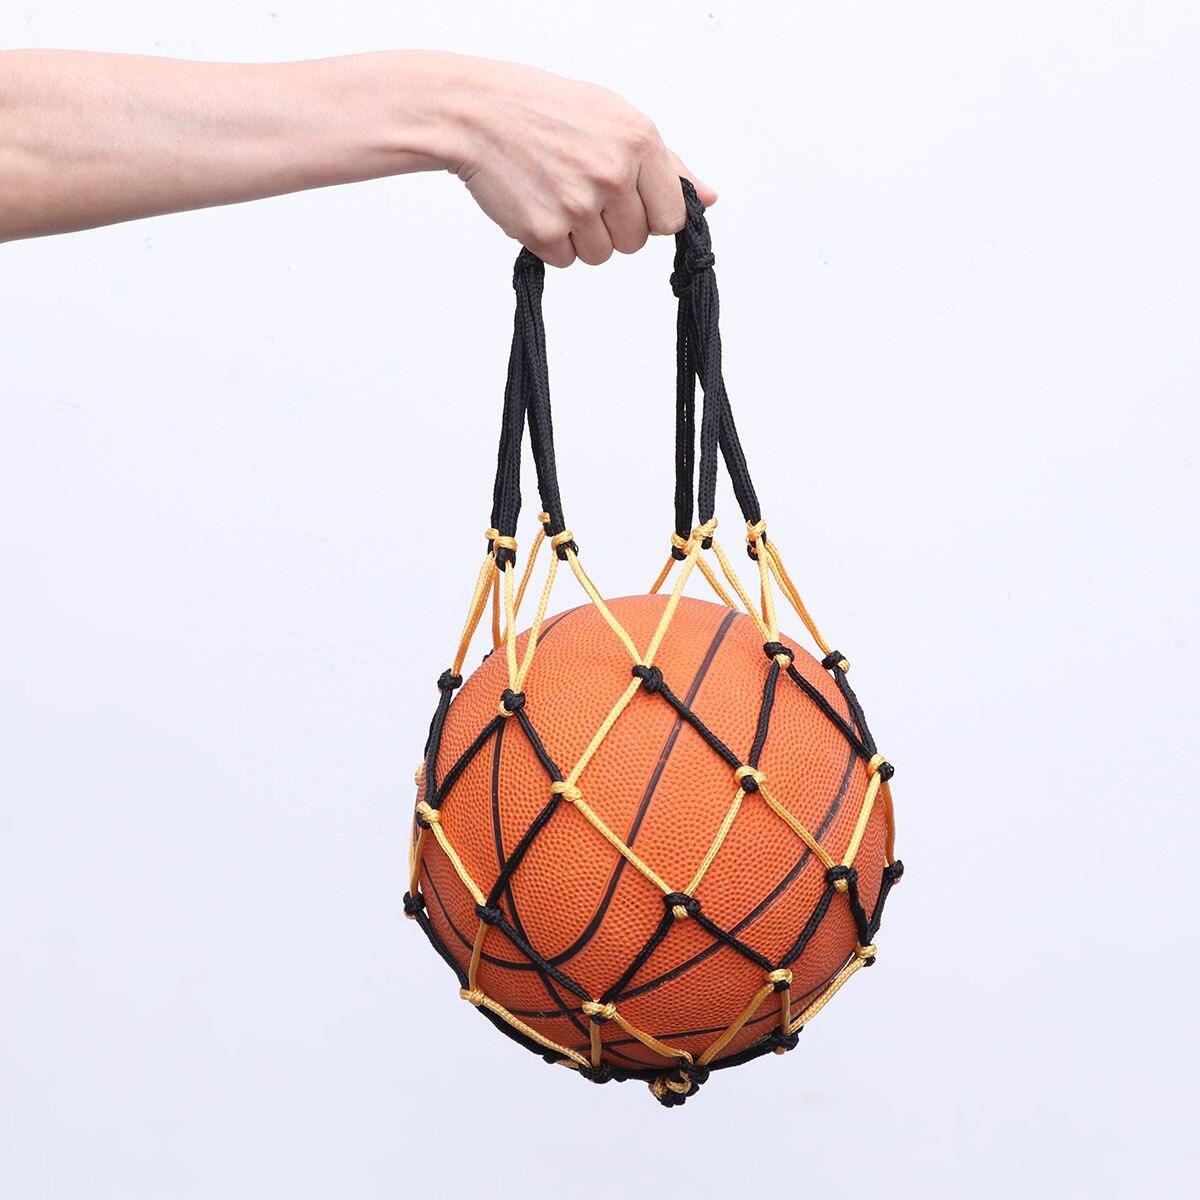 Сверхпрочная баскетбольная сумка, сетчатая нейлоновая сумка для баскетбола на шнурке, Сетчатая Сумка для переноски футбола, сумка для хранения на шнурке для баскетбола-1